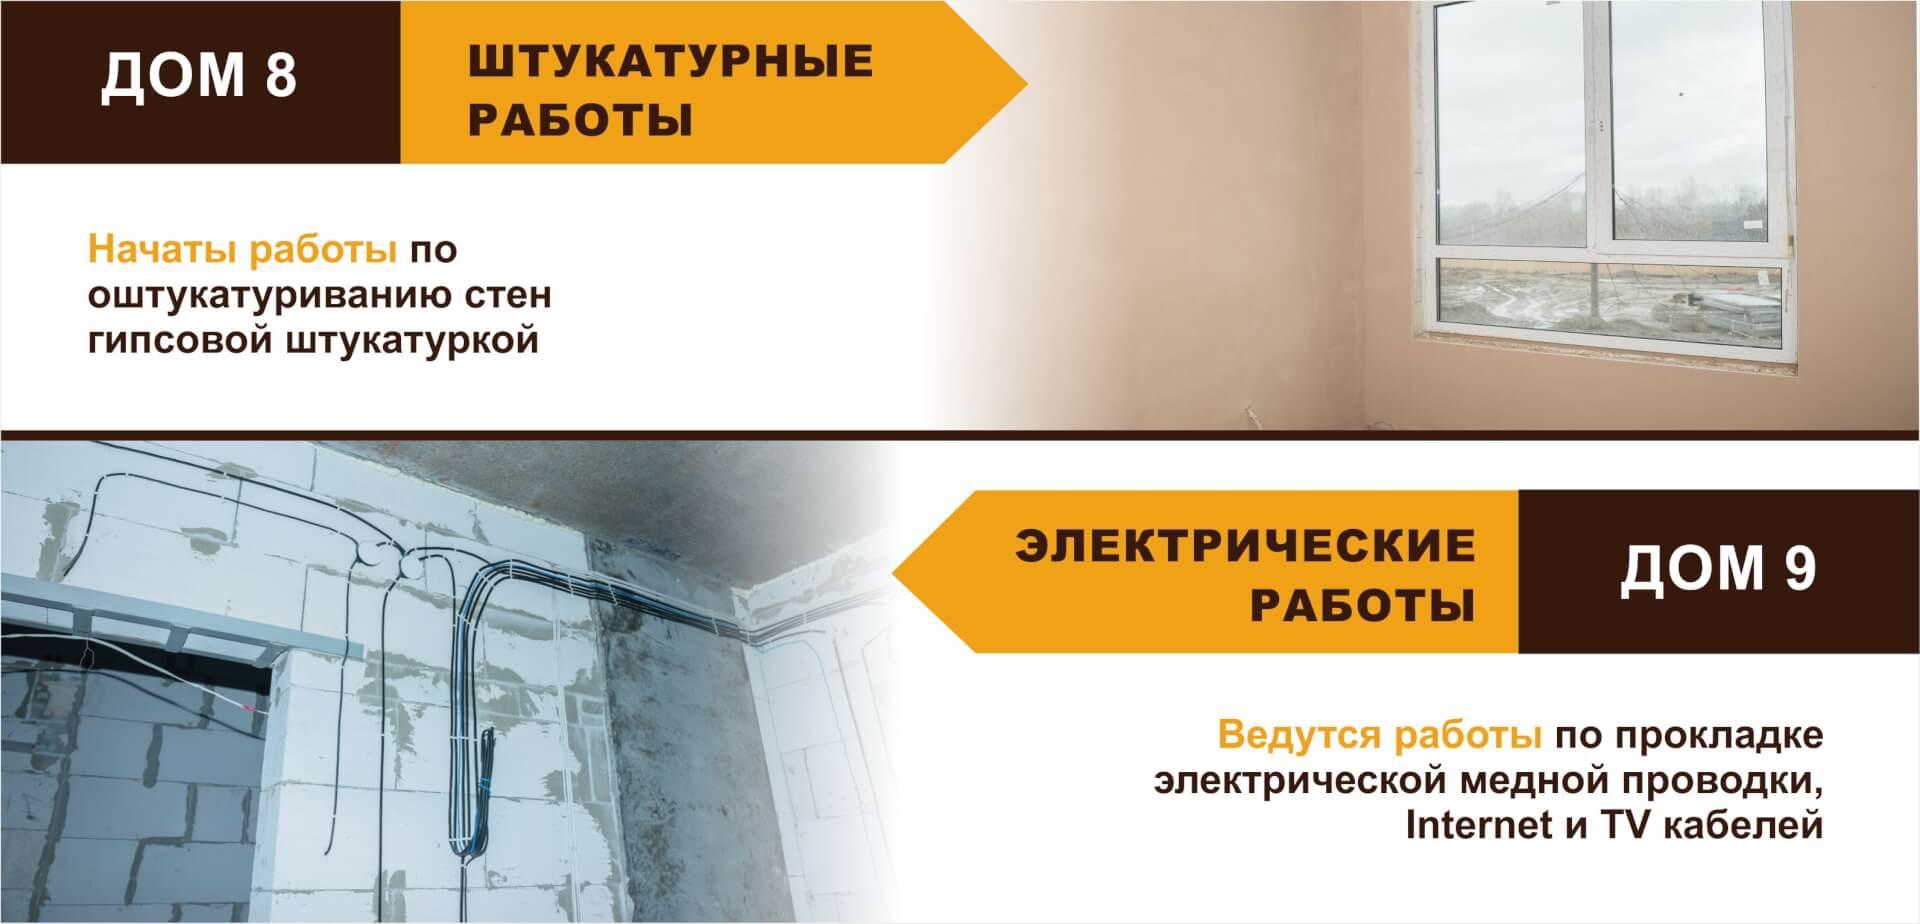 news8-9dom-marz2017-ru